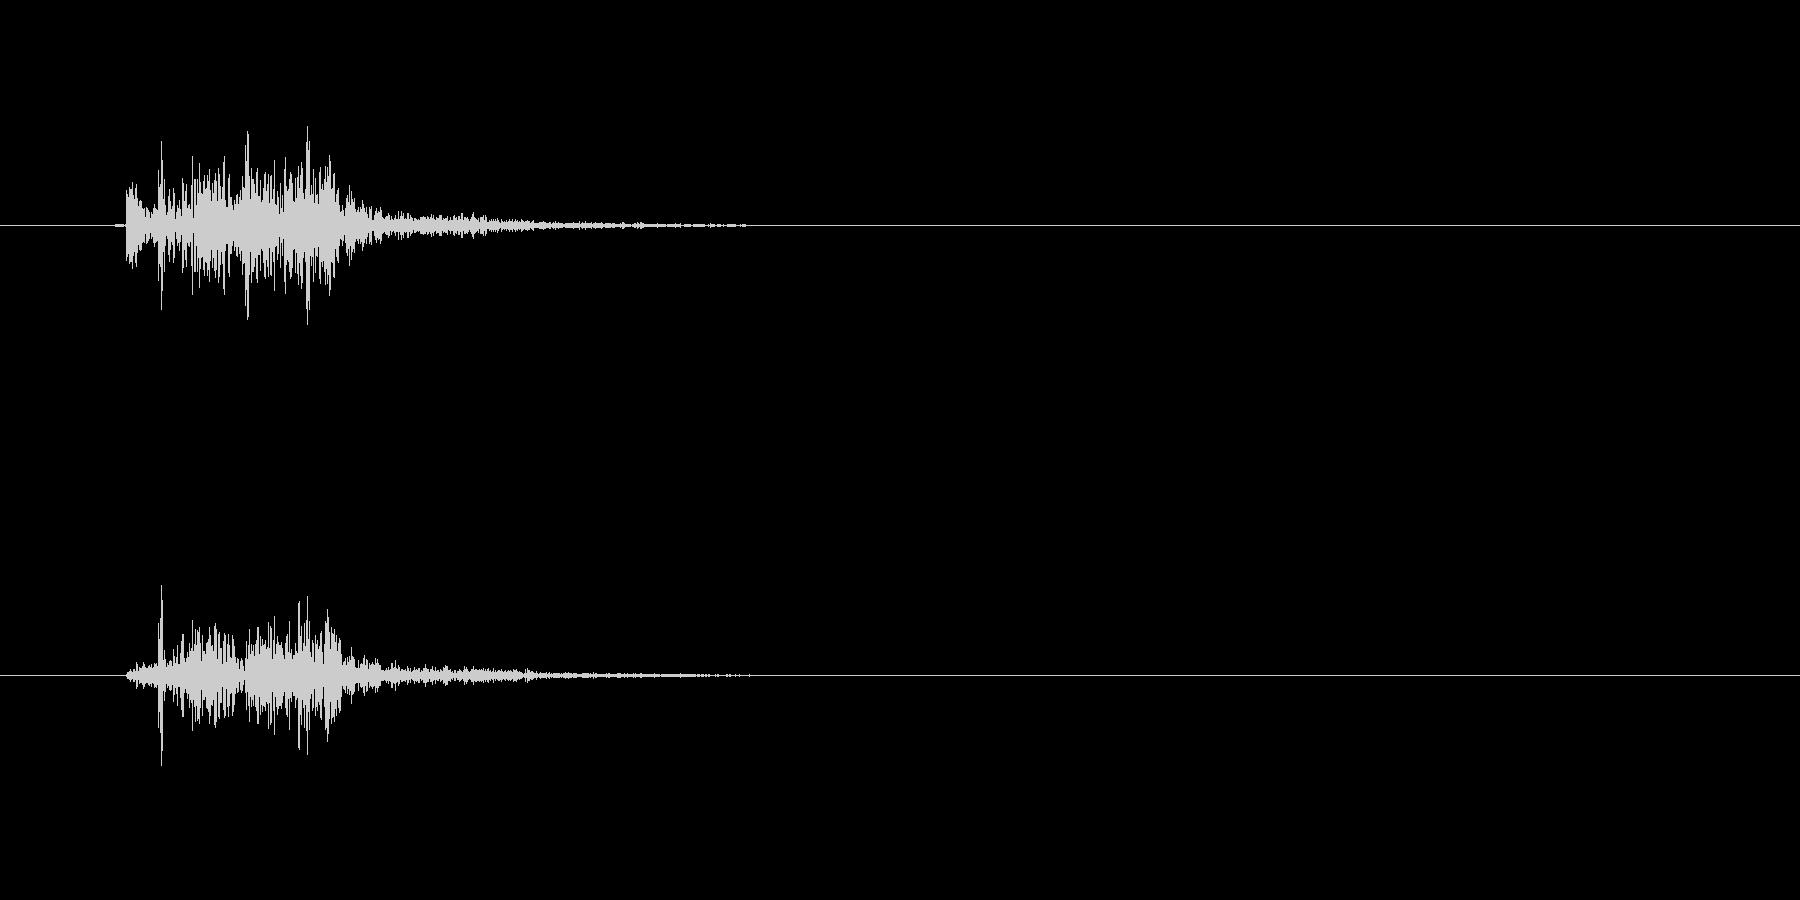 バスケットボールのシュート音 swishの未再生の波形